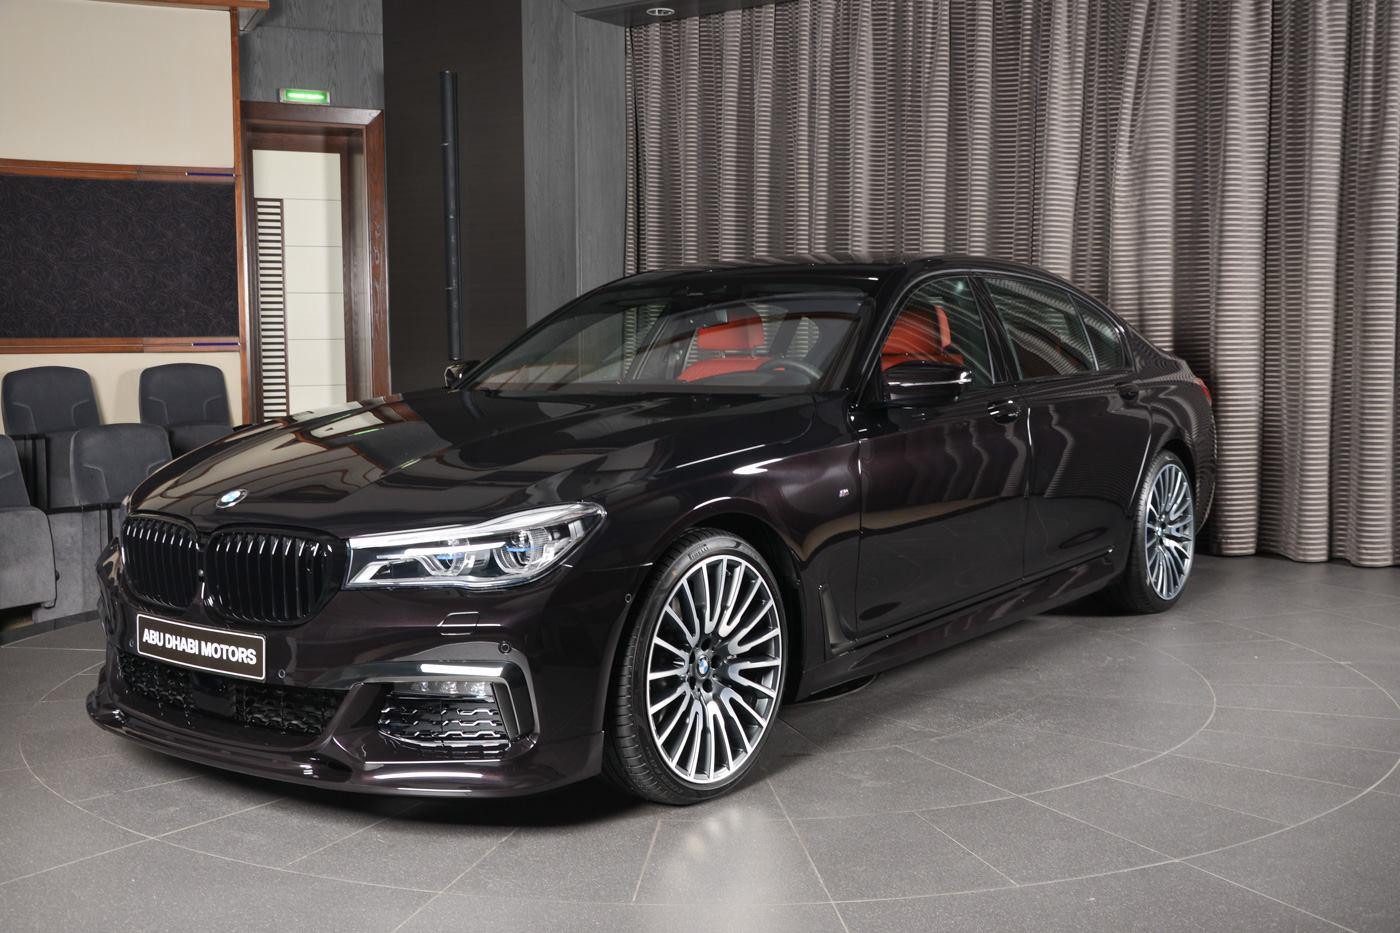 Известный автодилер BMW Abu Dhabi Motors выставил на продажу уникальный экземпляр представительского седана BMW 7 Series